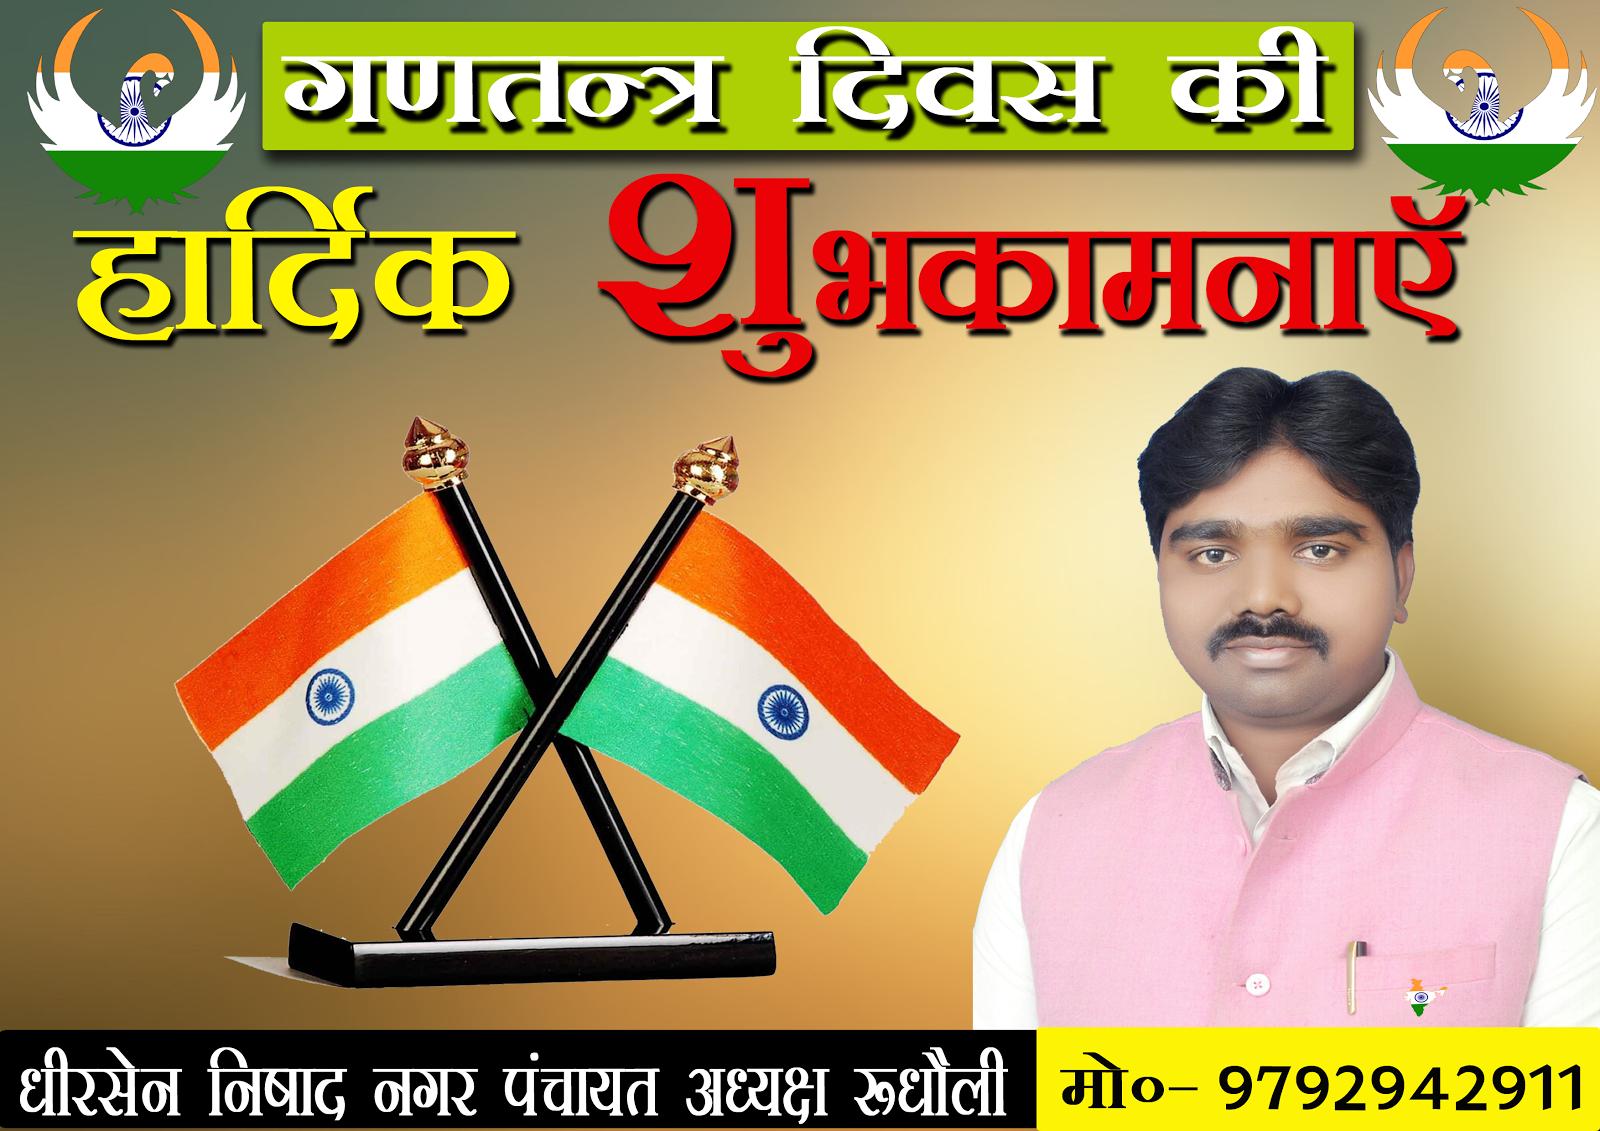 Adhyaksh Dheersen